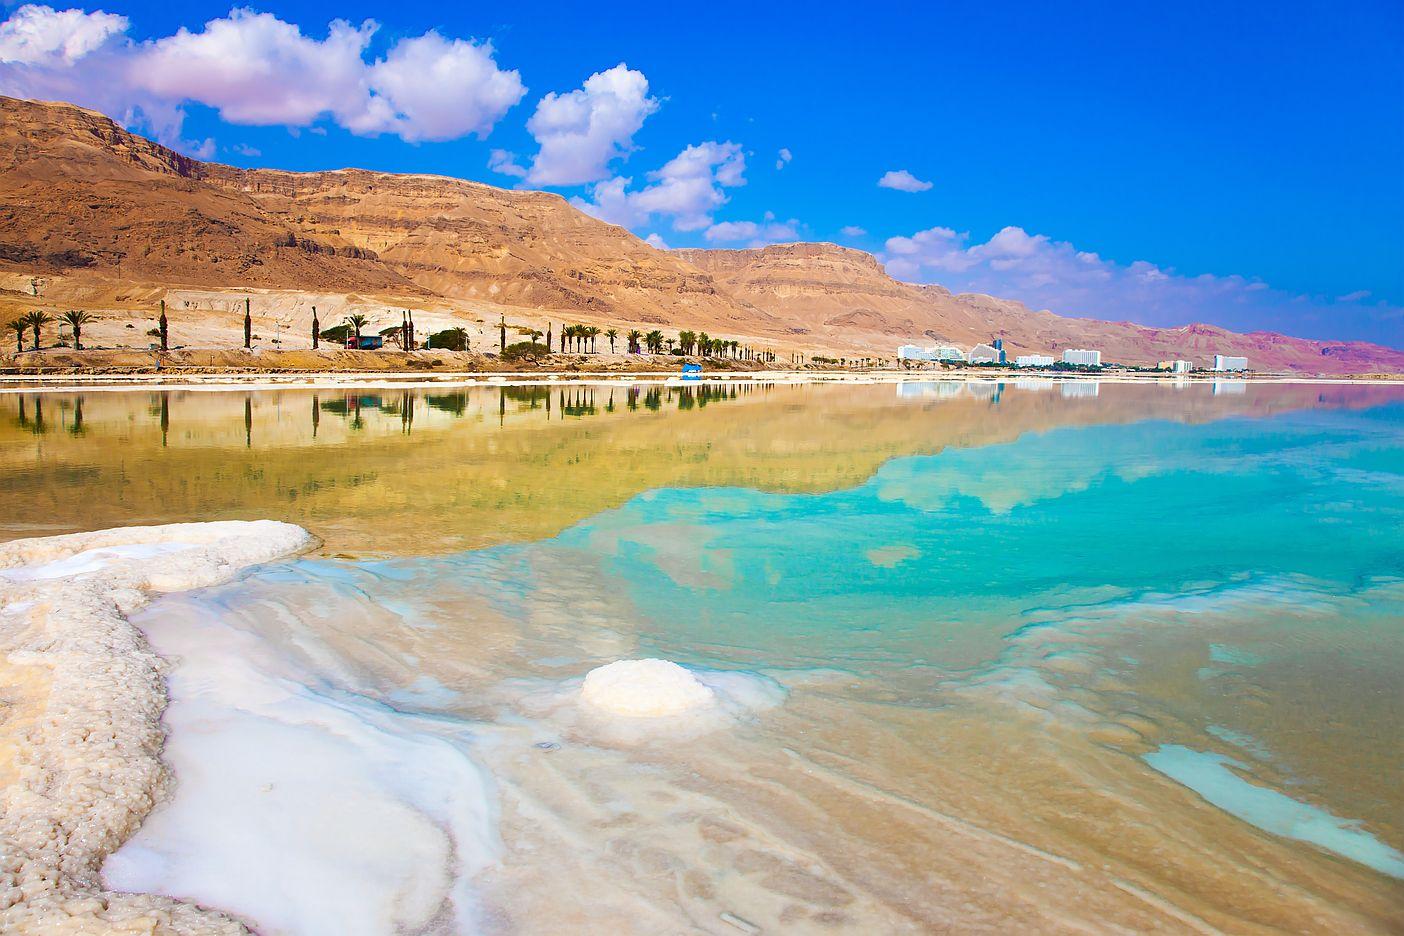 Zaleťte si k Mrtvému moři. Jeho léčebné účinky vás překvapí.